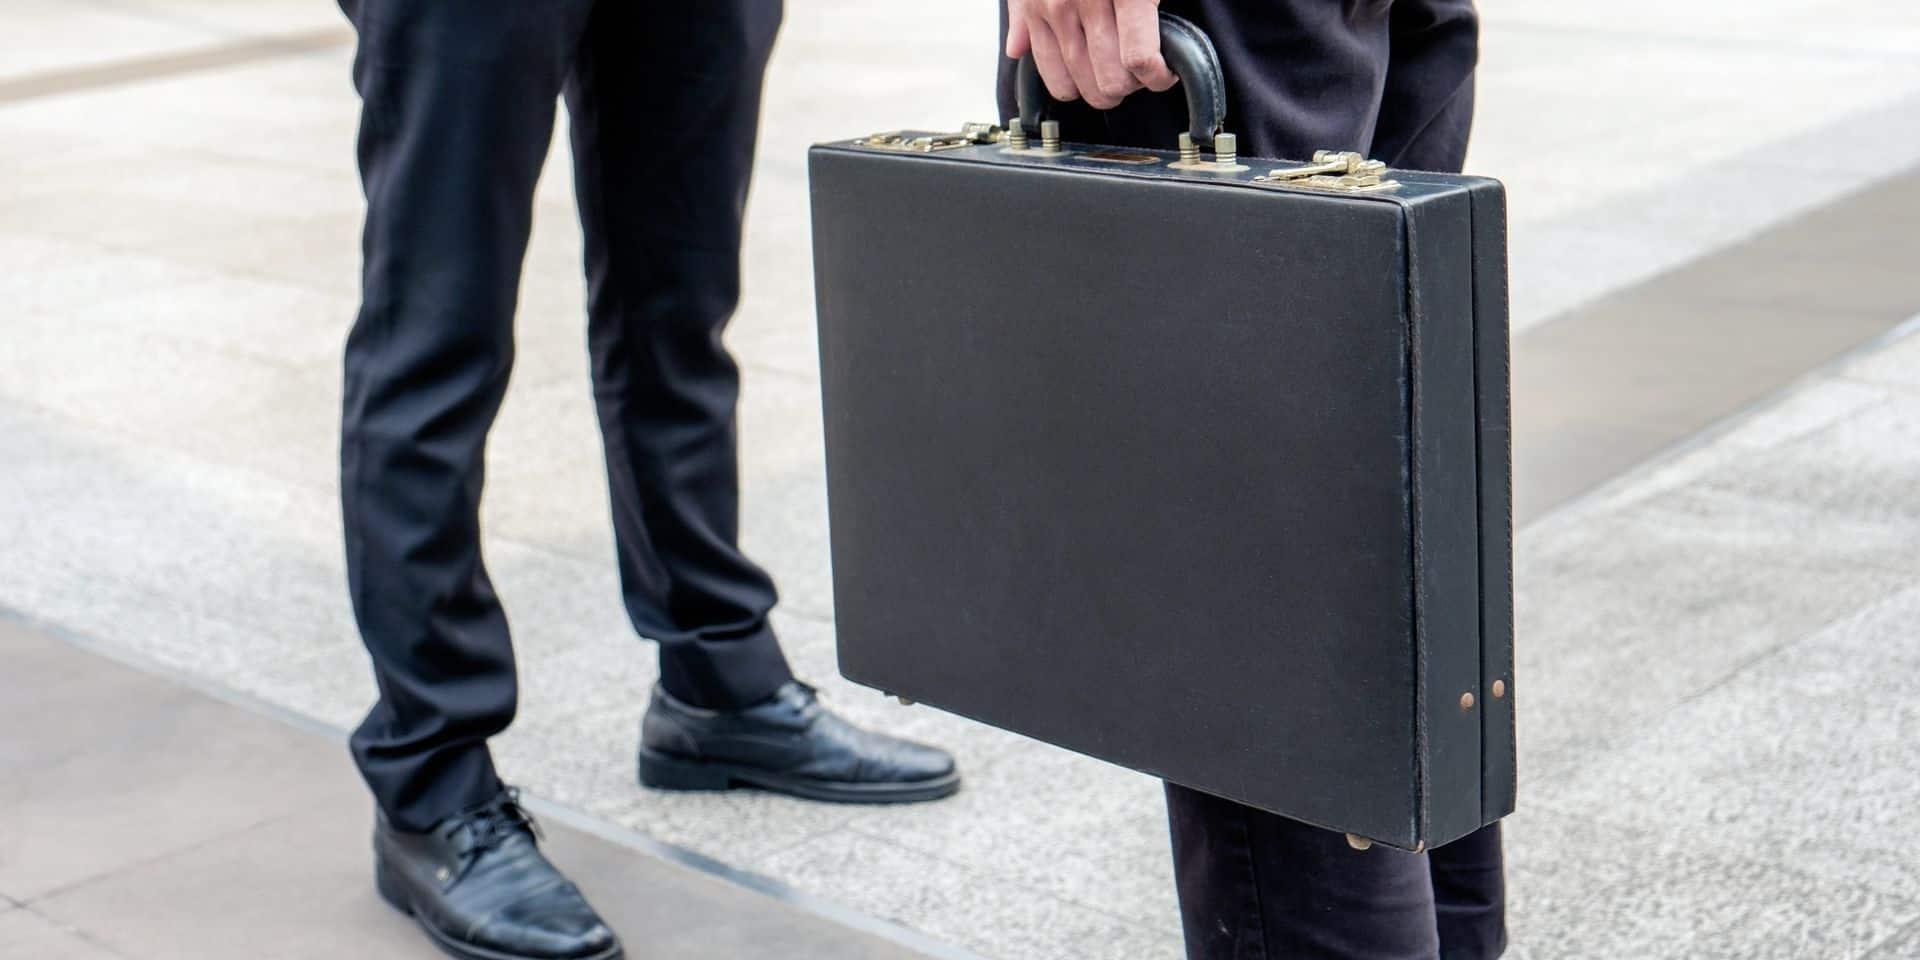 Des documents sensibles du ministère britannique de la Défense retrouvés à un arrêt de bus